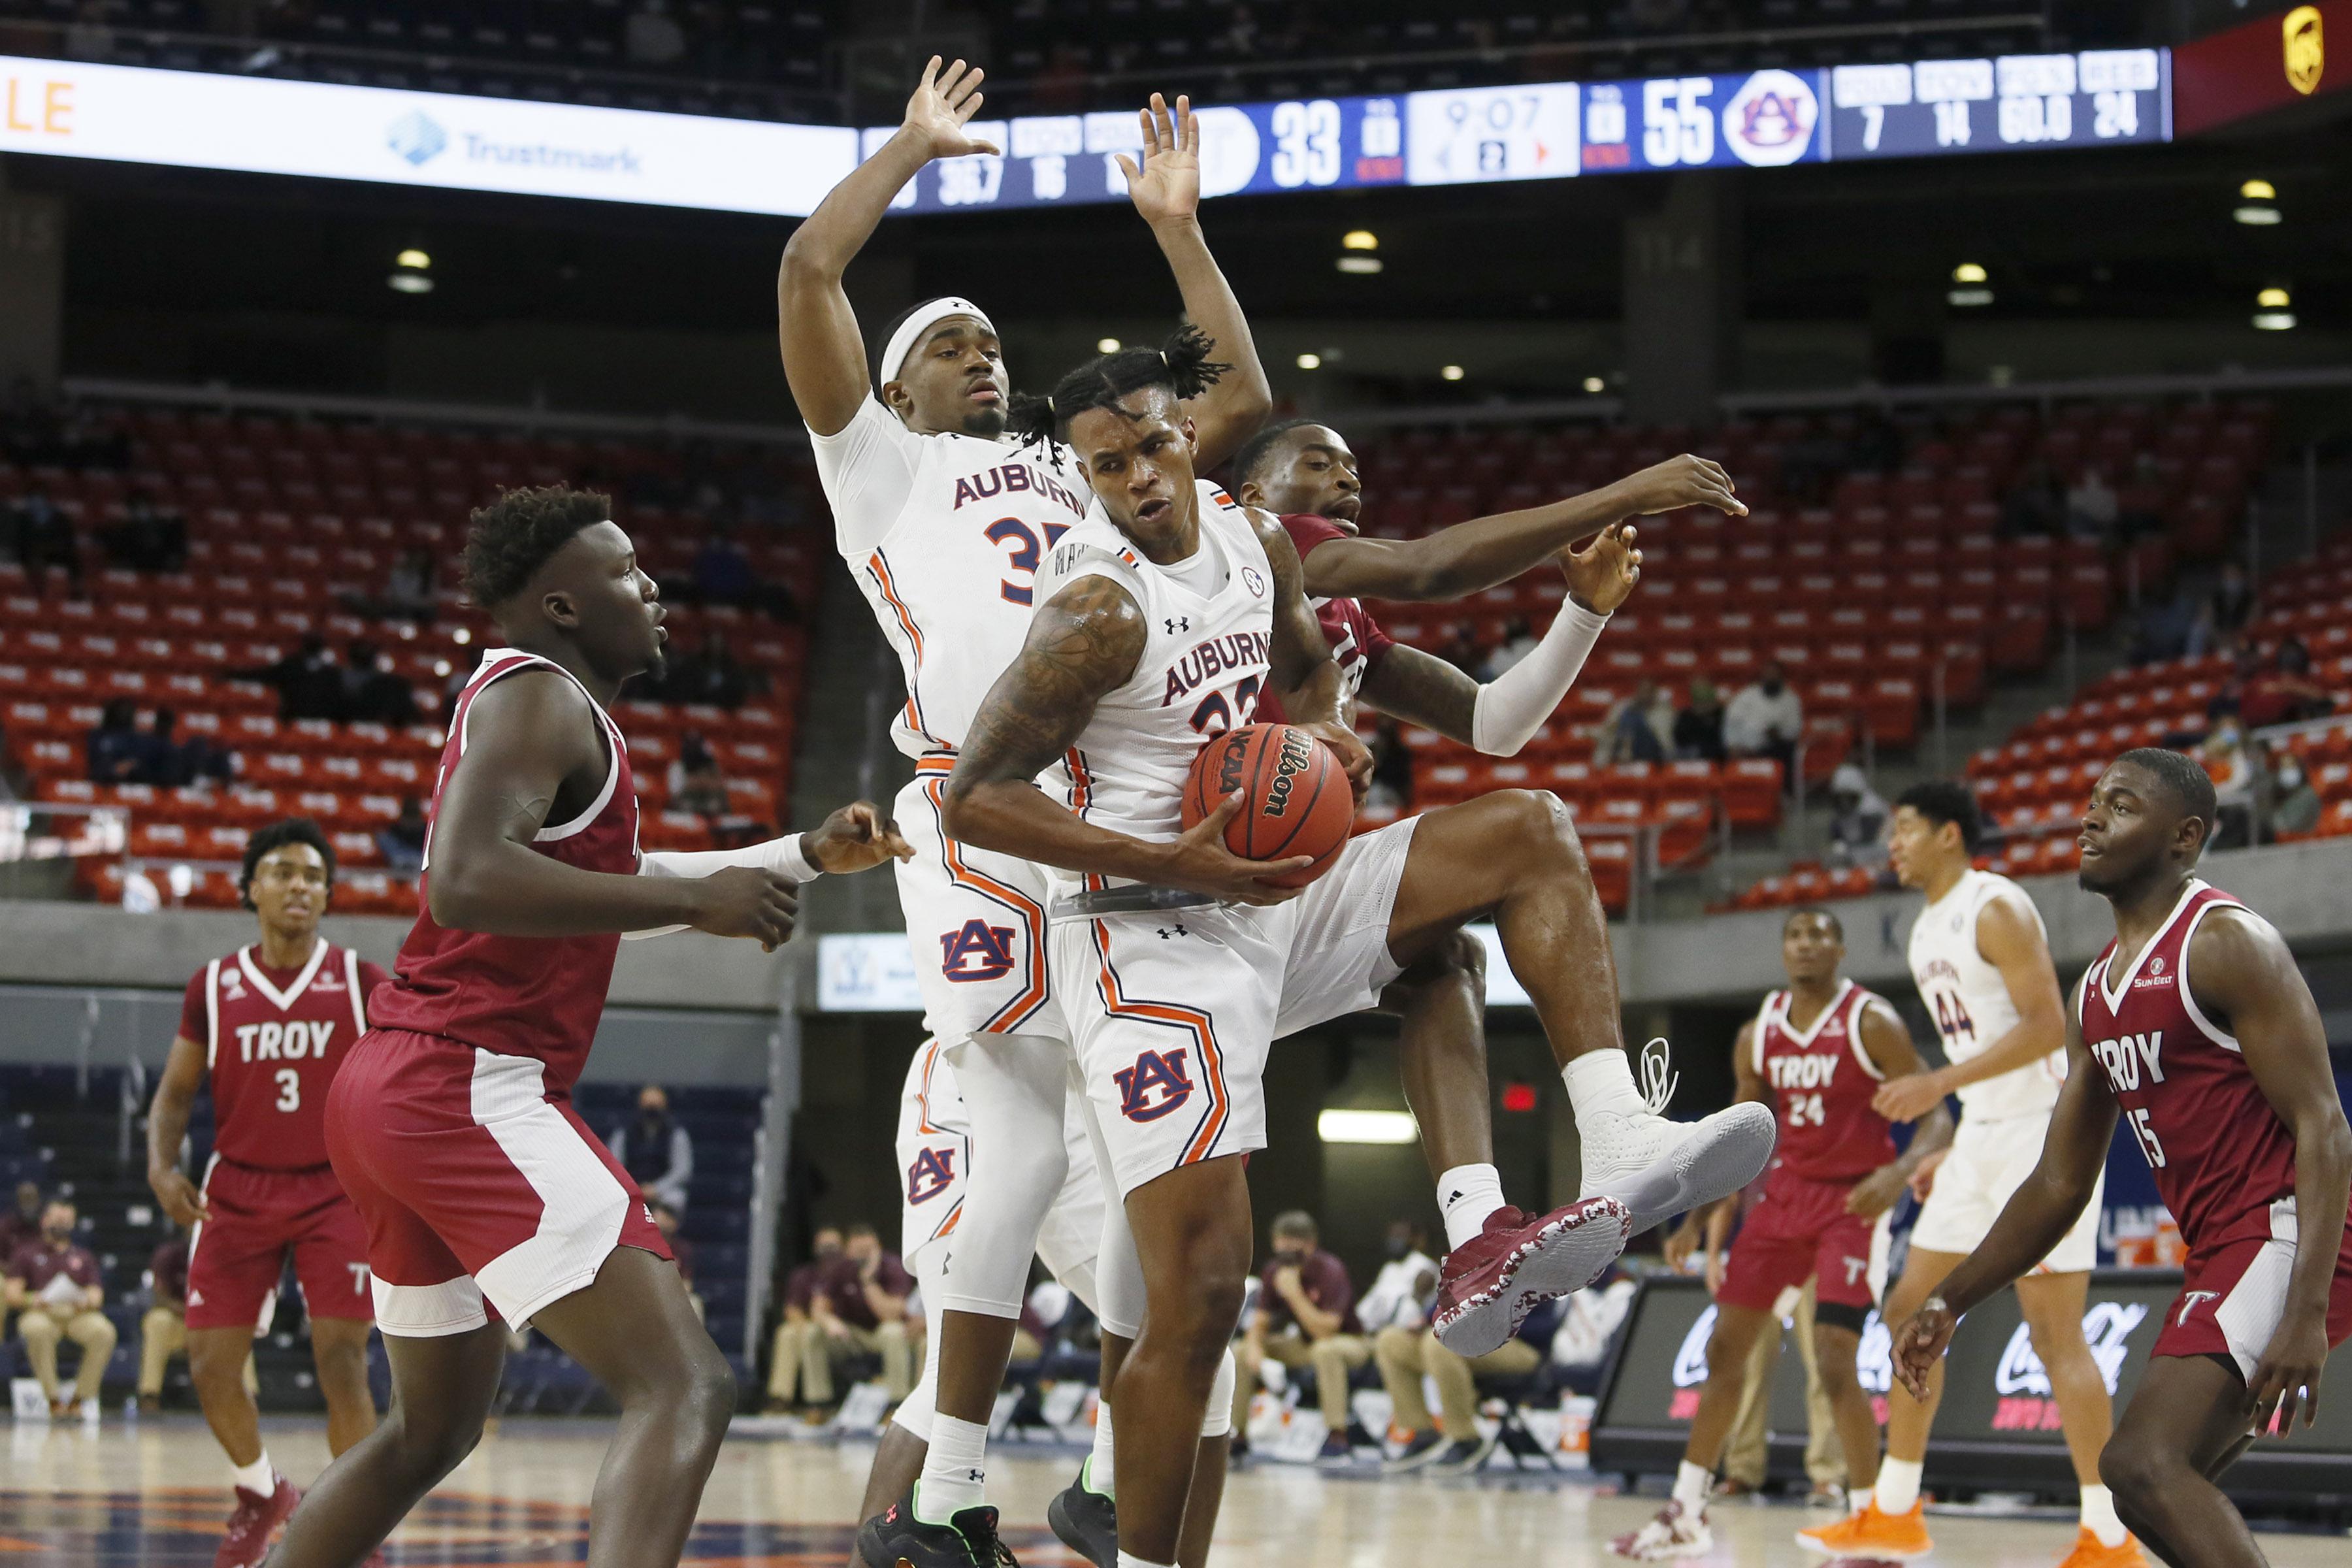 NCAA Basketball: Troy at Auburn